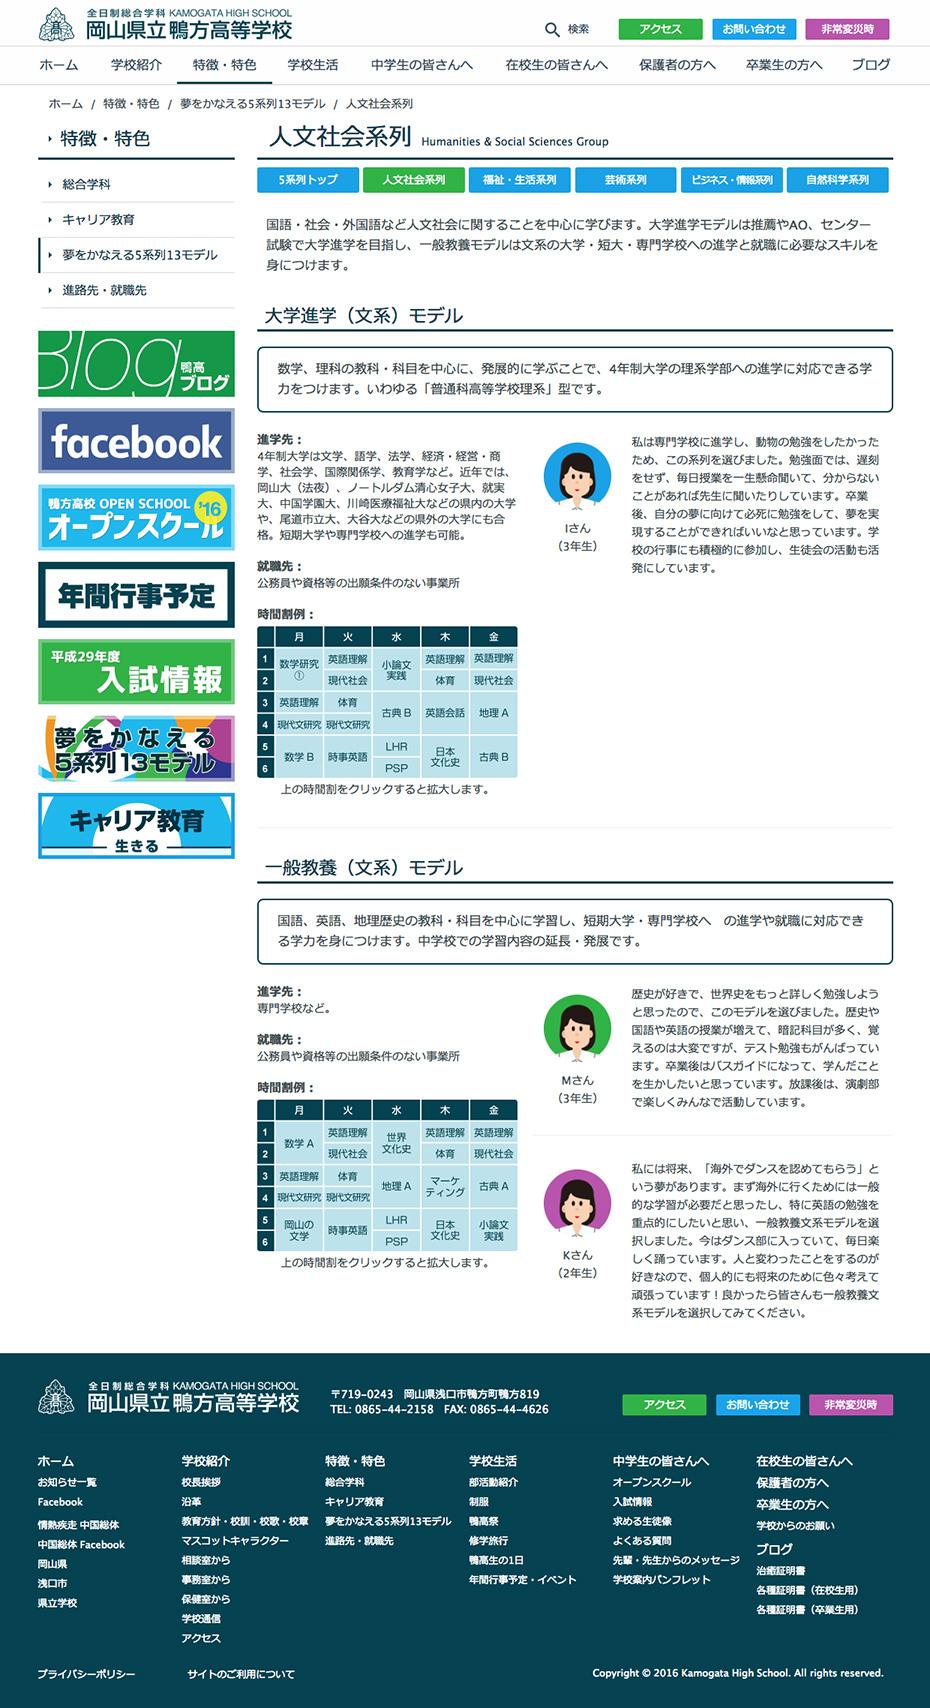 岡山県立鴨方高等学校様 ホームページ 人文社会系列